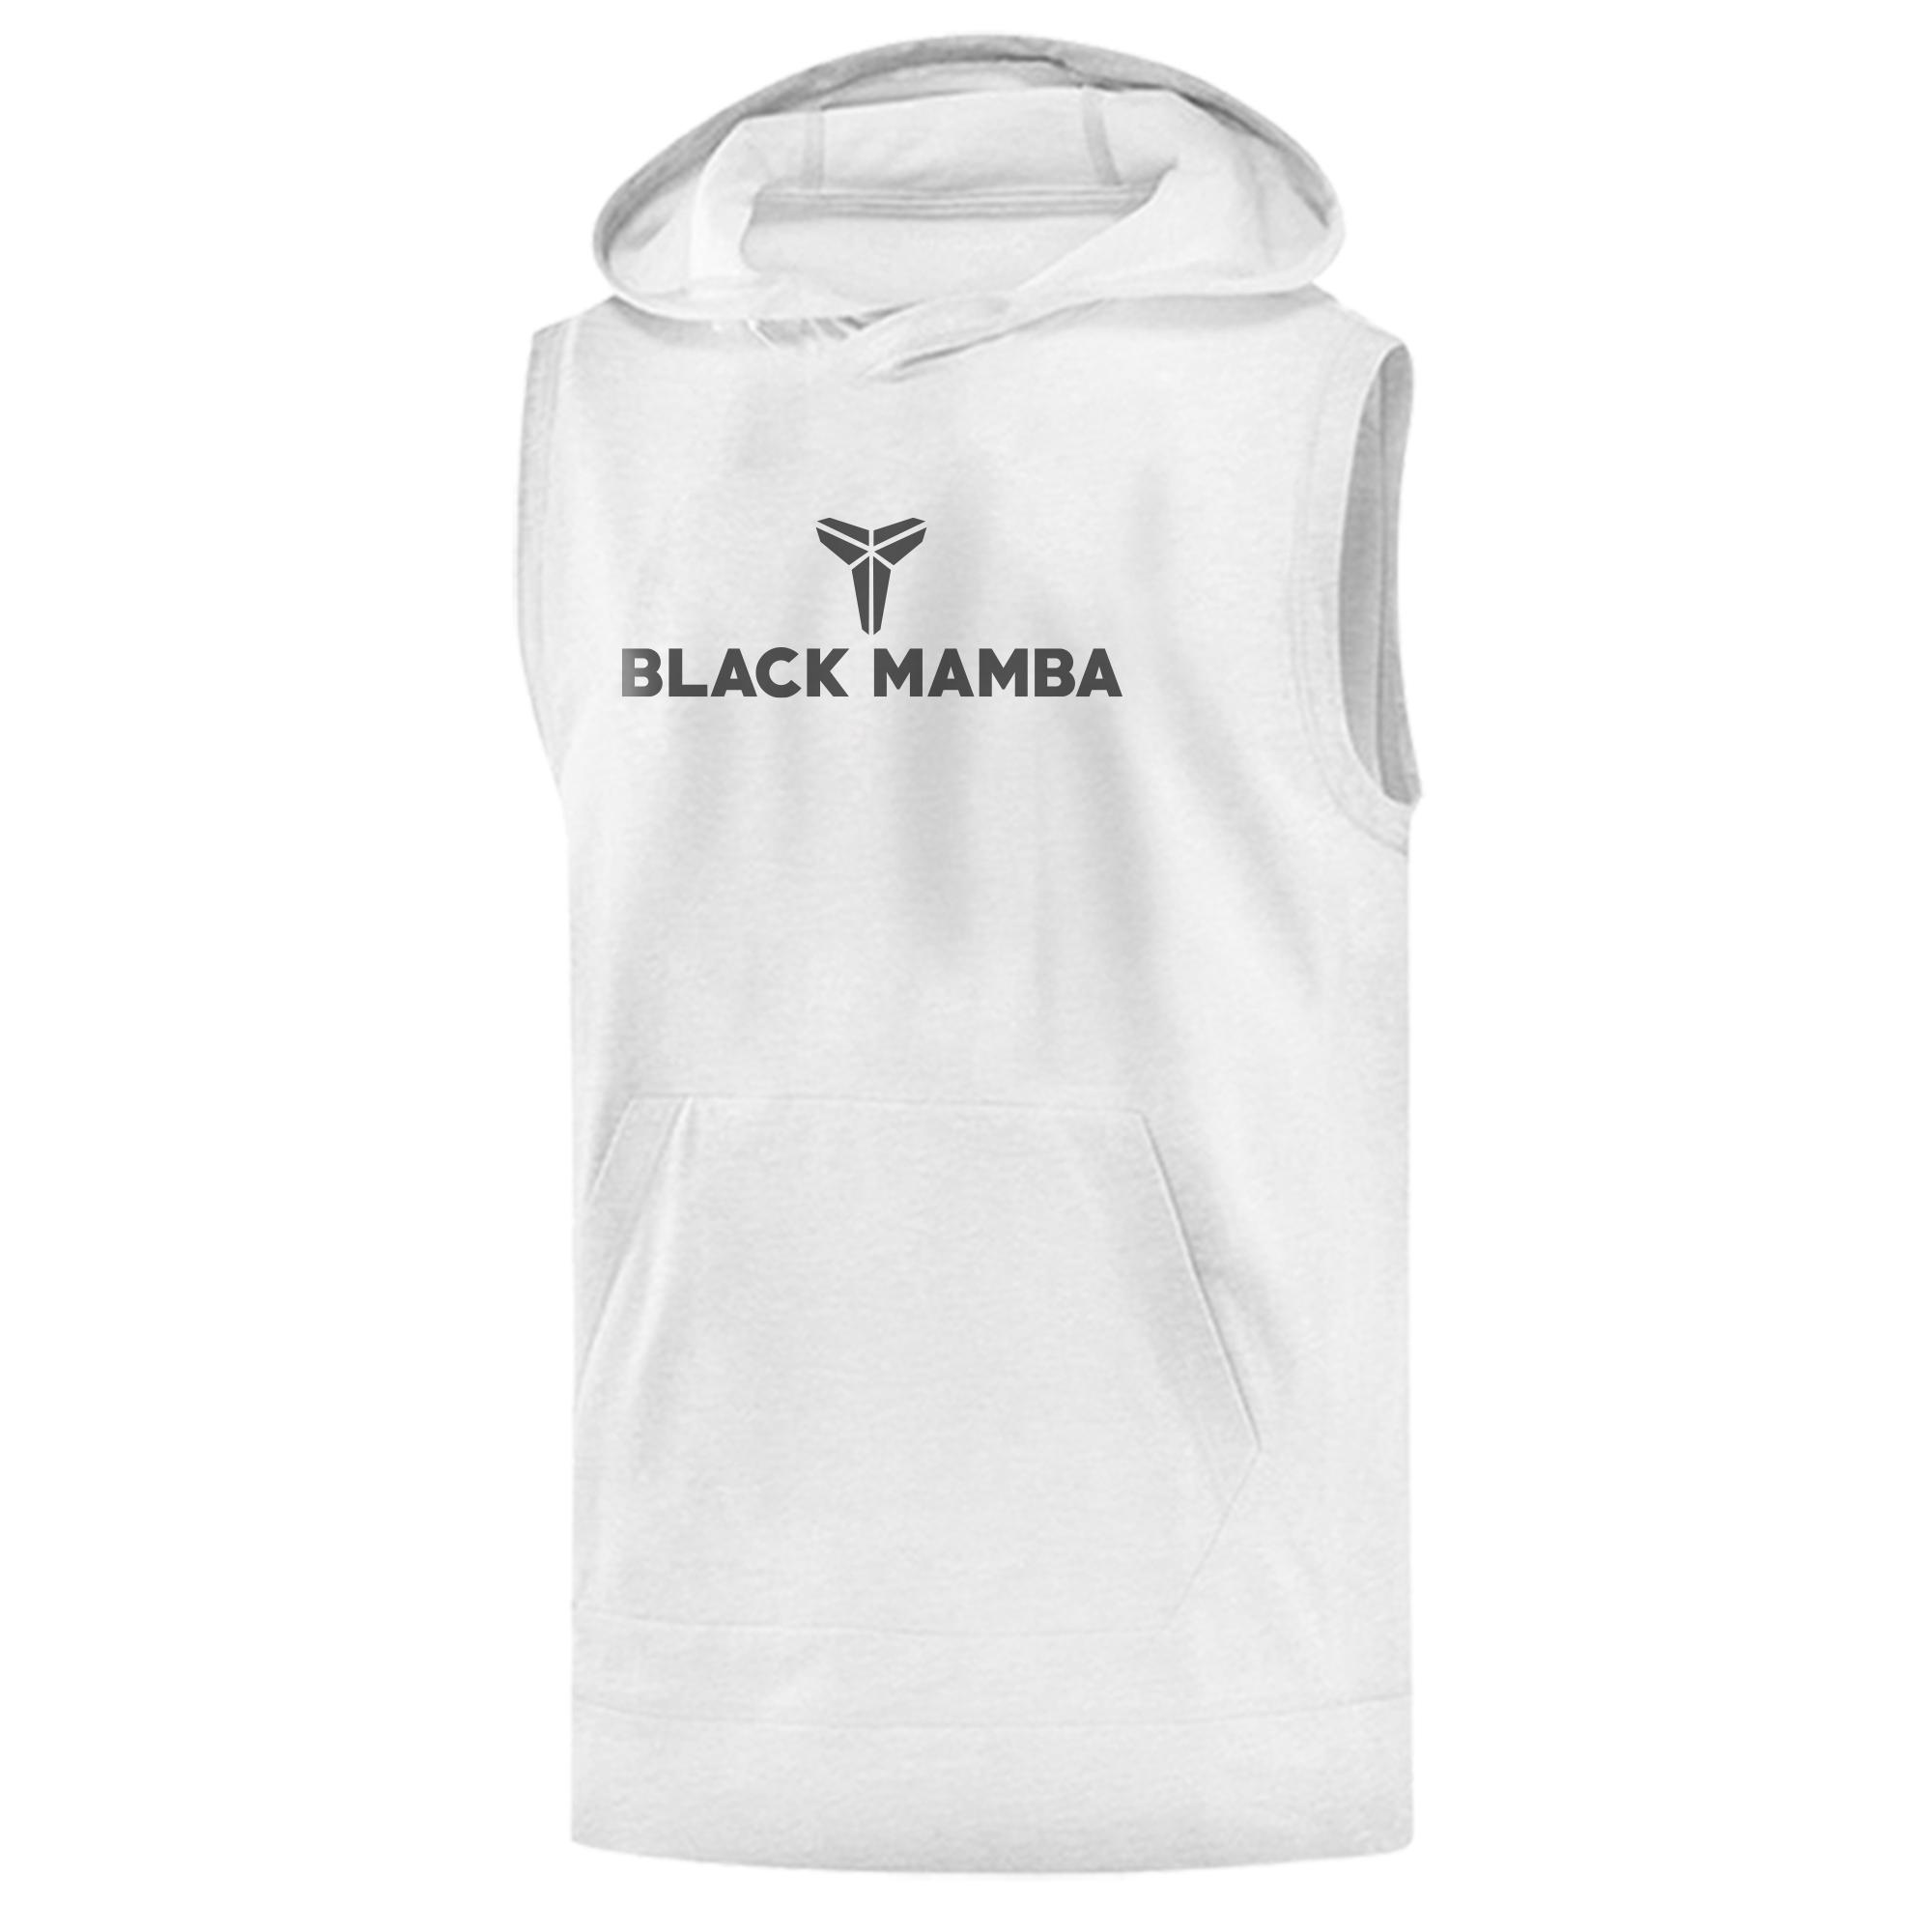 Kobe Bryant Sleeveless (KLS-WHT-NP-388-BLACK.MAMBA)